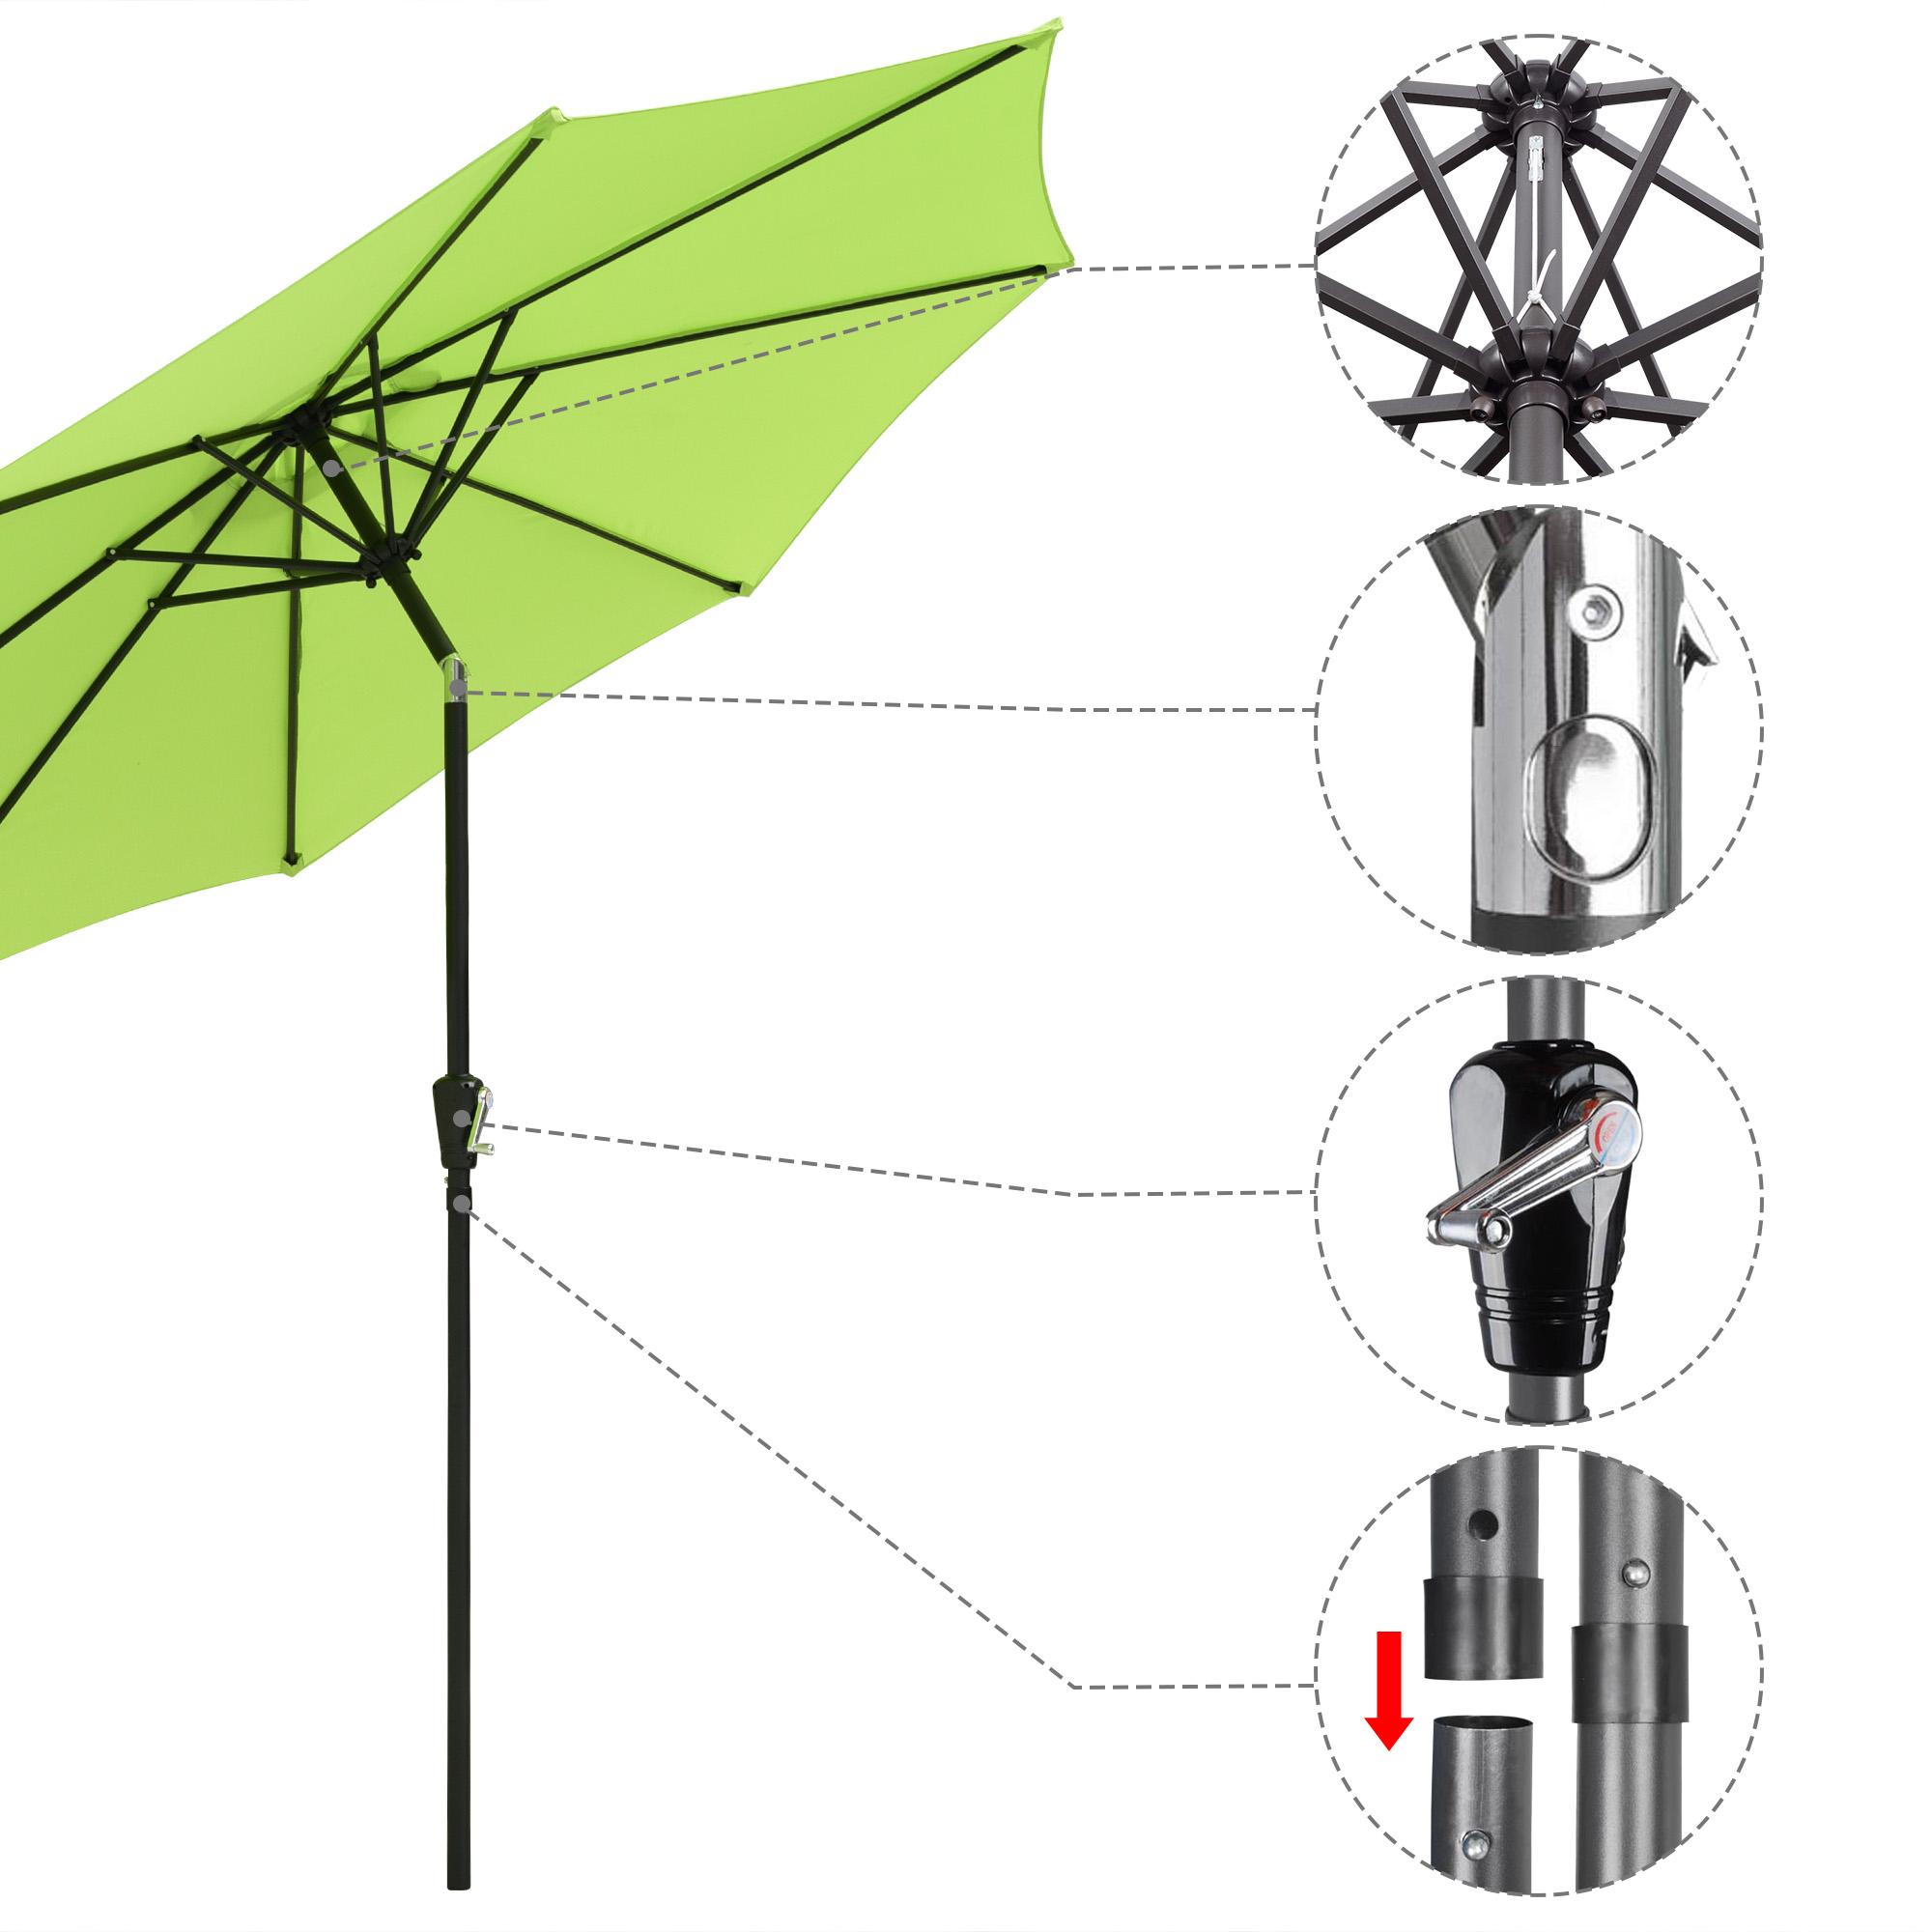 thumbnail 16 - 9' Outdoor Umbrella Patio 8 Ribs Market Garden Crank Tilt Beach Sunshade Parasol